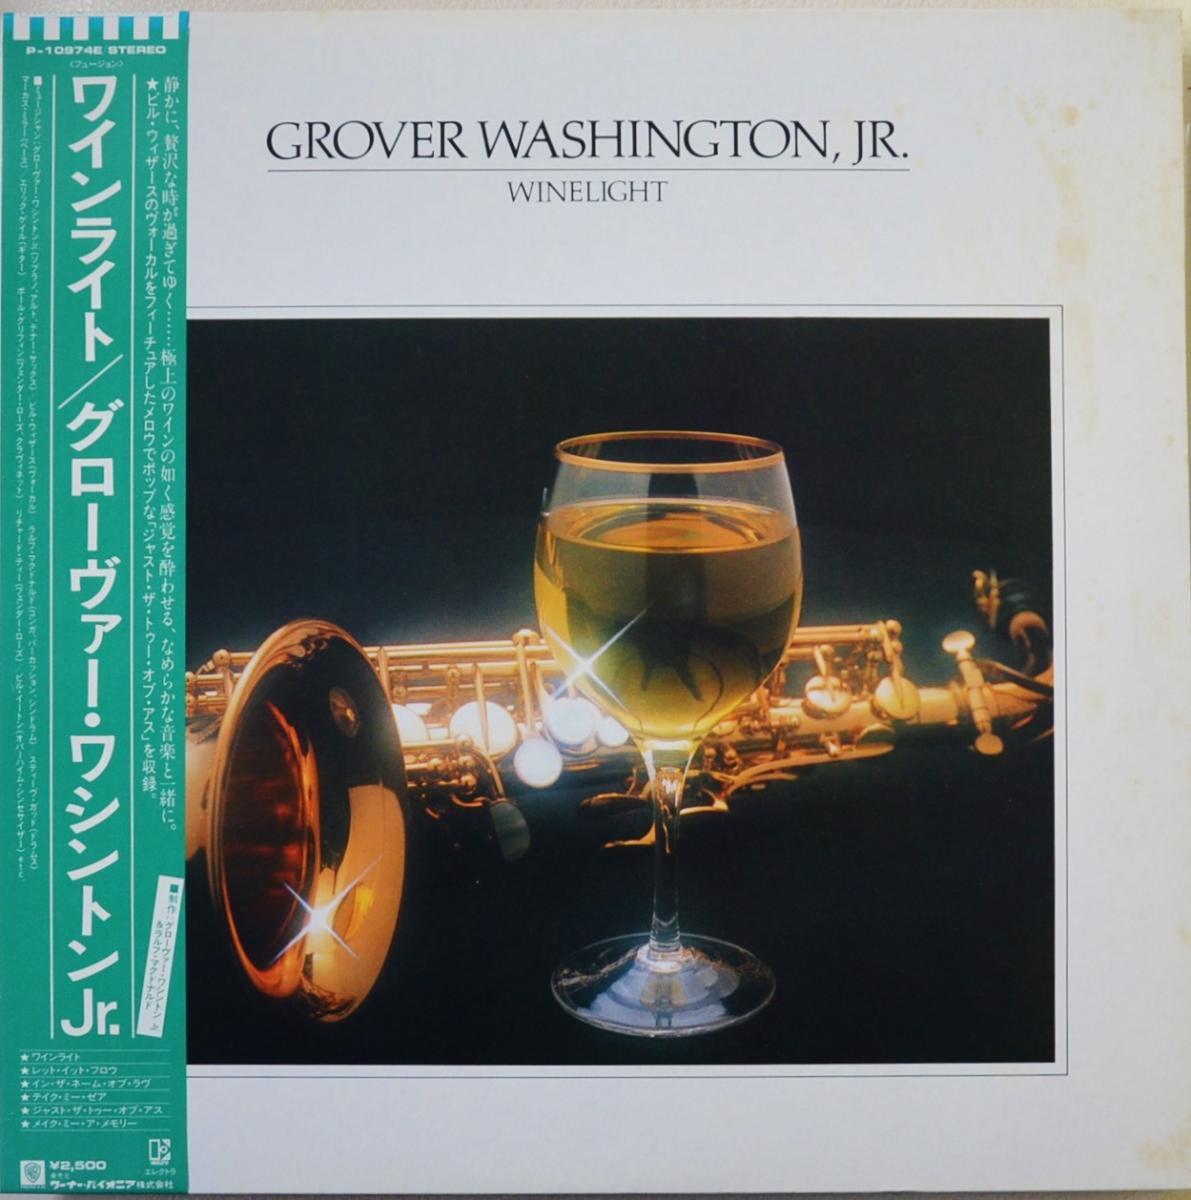 グローヴァー・ワシントン JR. GROVER WASHINGTON, JR. / ワインライト WINELIGHT (LP)